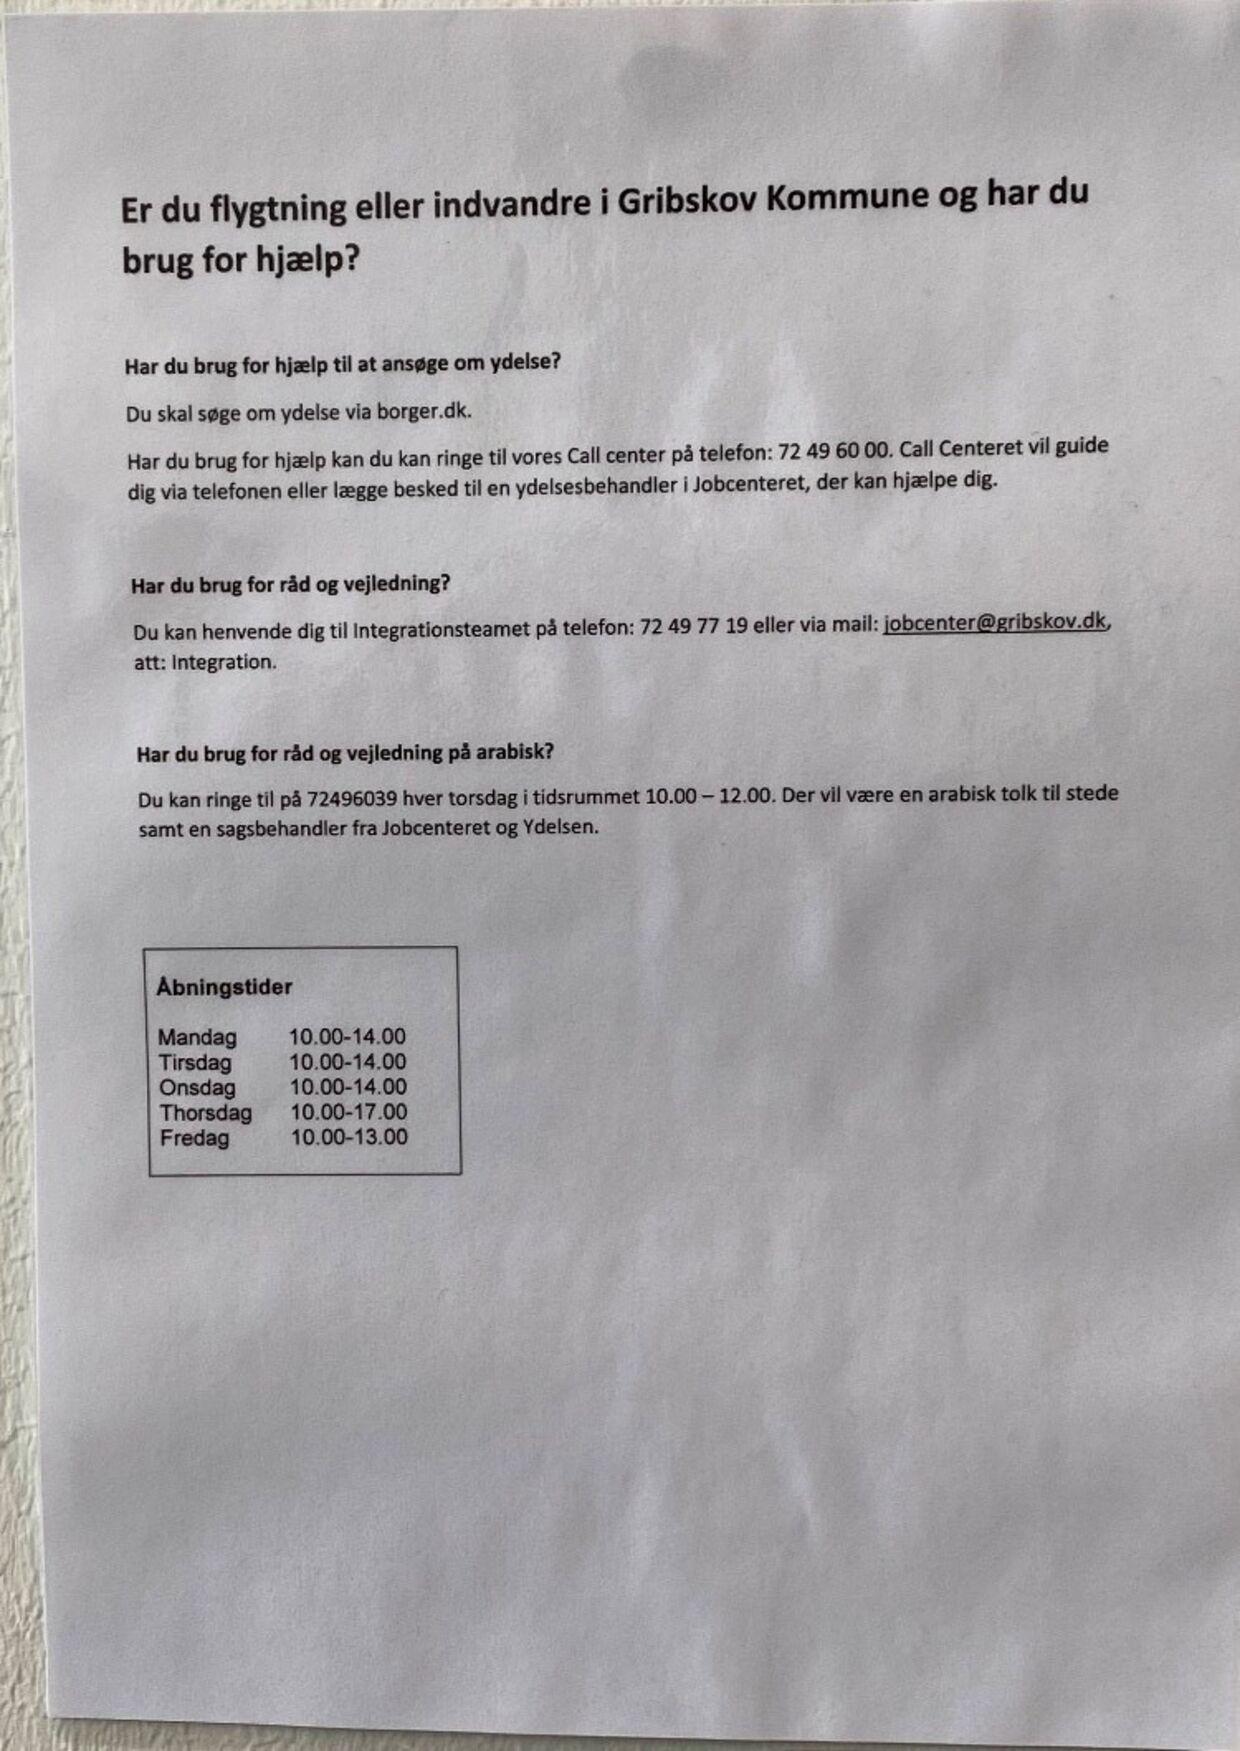 Her er den besked, der på et andet ark på væggen hos jobcenteret i Gribskob Kommune er oversat til arabisk. Foto: Privat